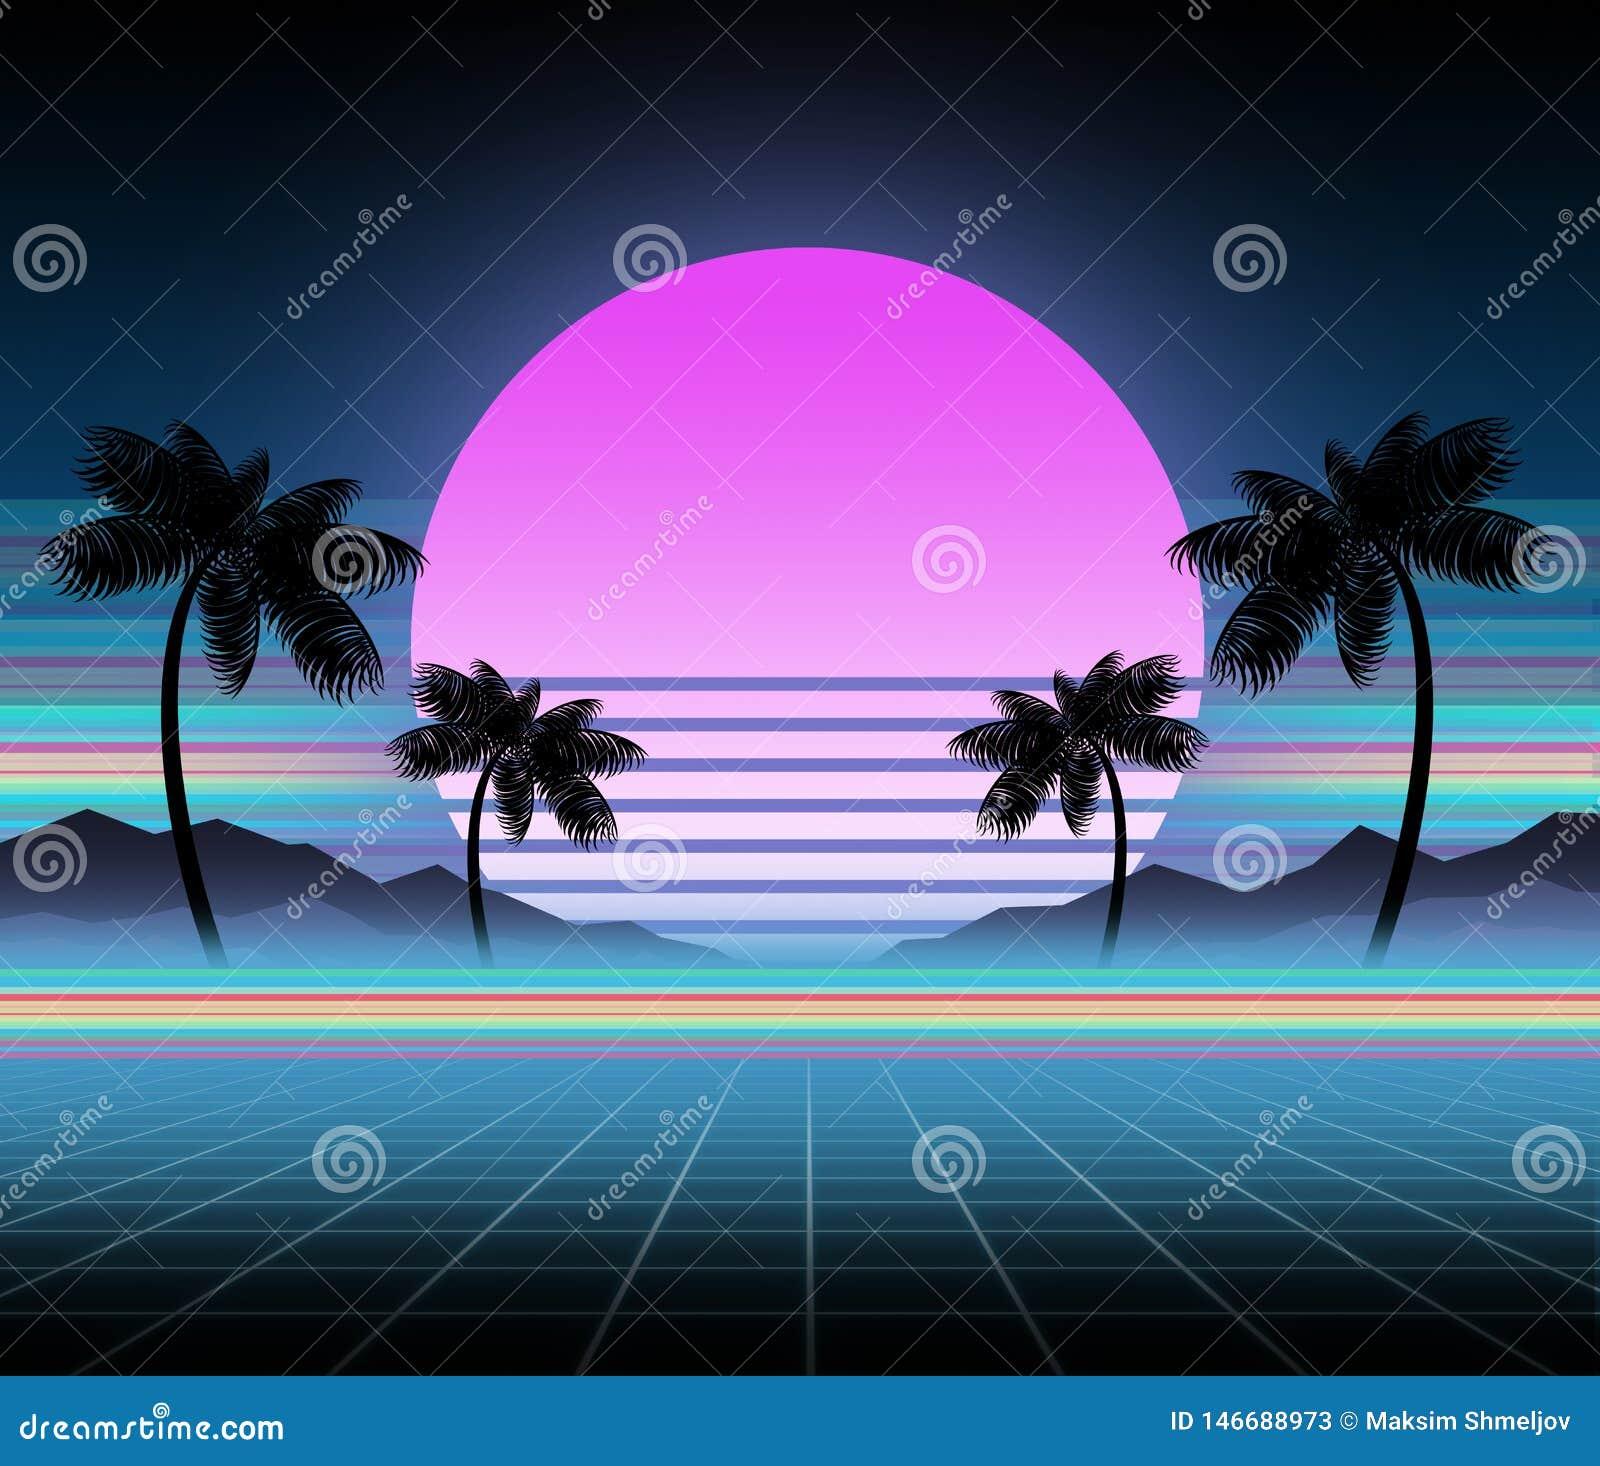 Synthwave en retrowave achtergrondmalplaatje Palmen, zon en ruimte in computerspel Retro ontwerp, ijlt muziek, de jaren  80